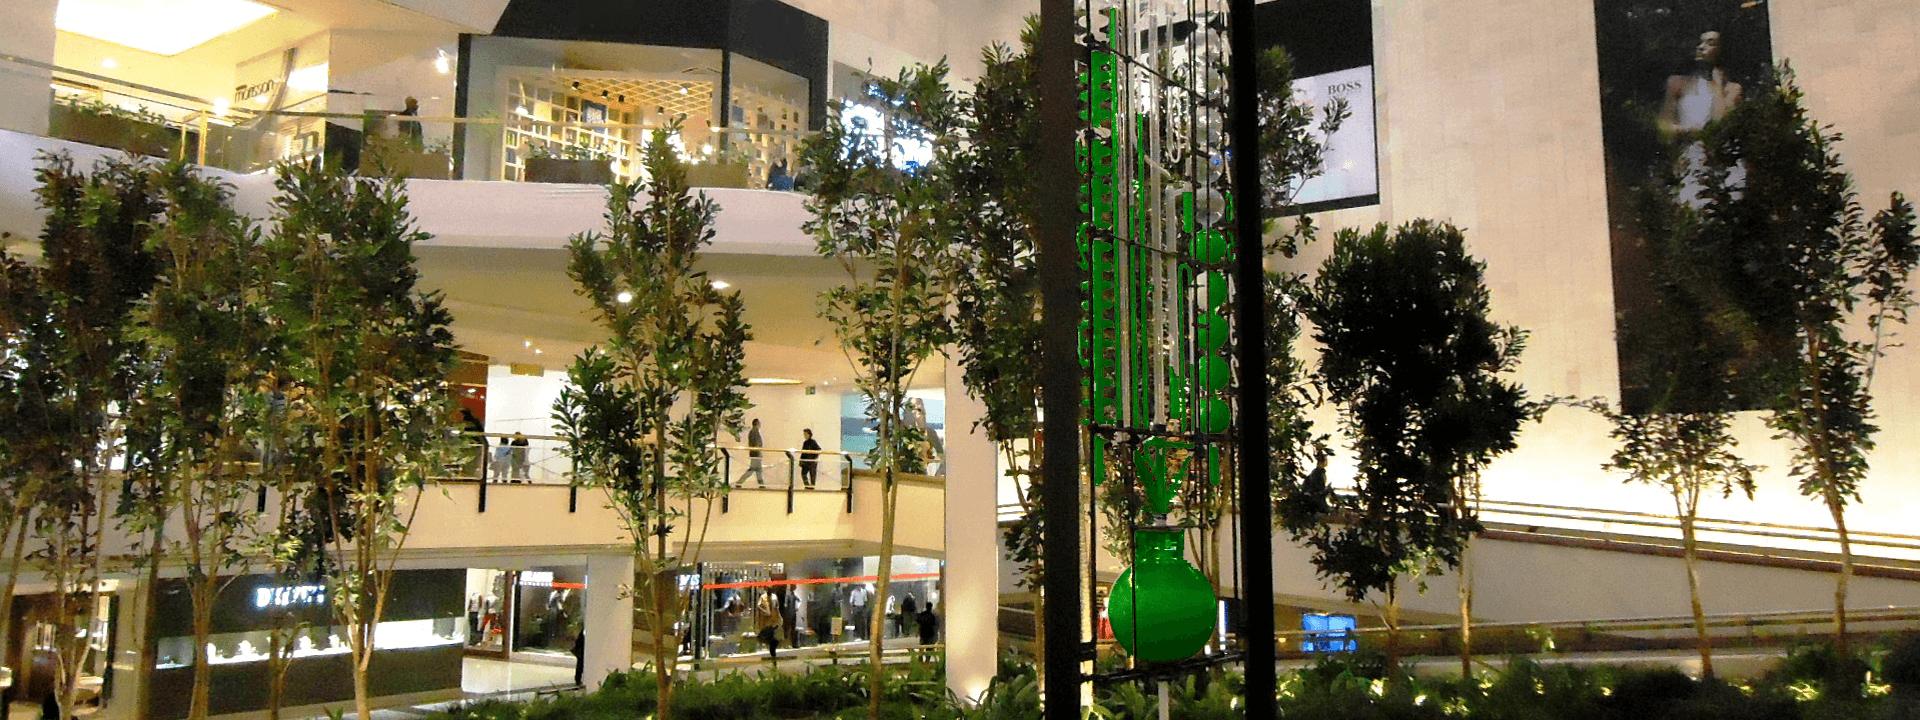 a597fe3a6ce Relógio d água - Iguatemi São Paulo